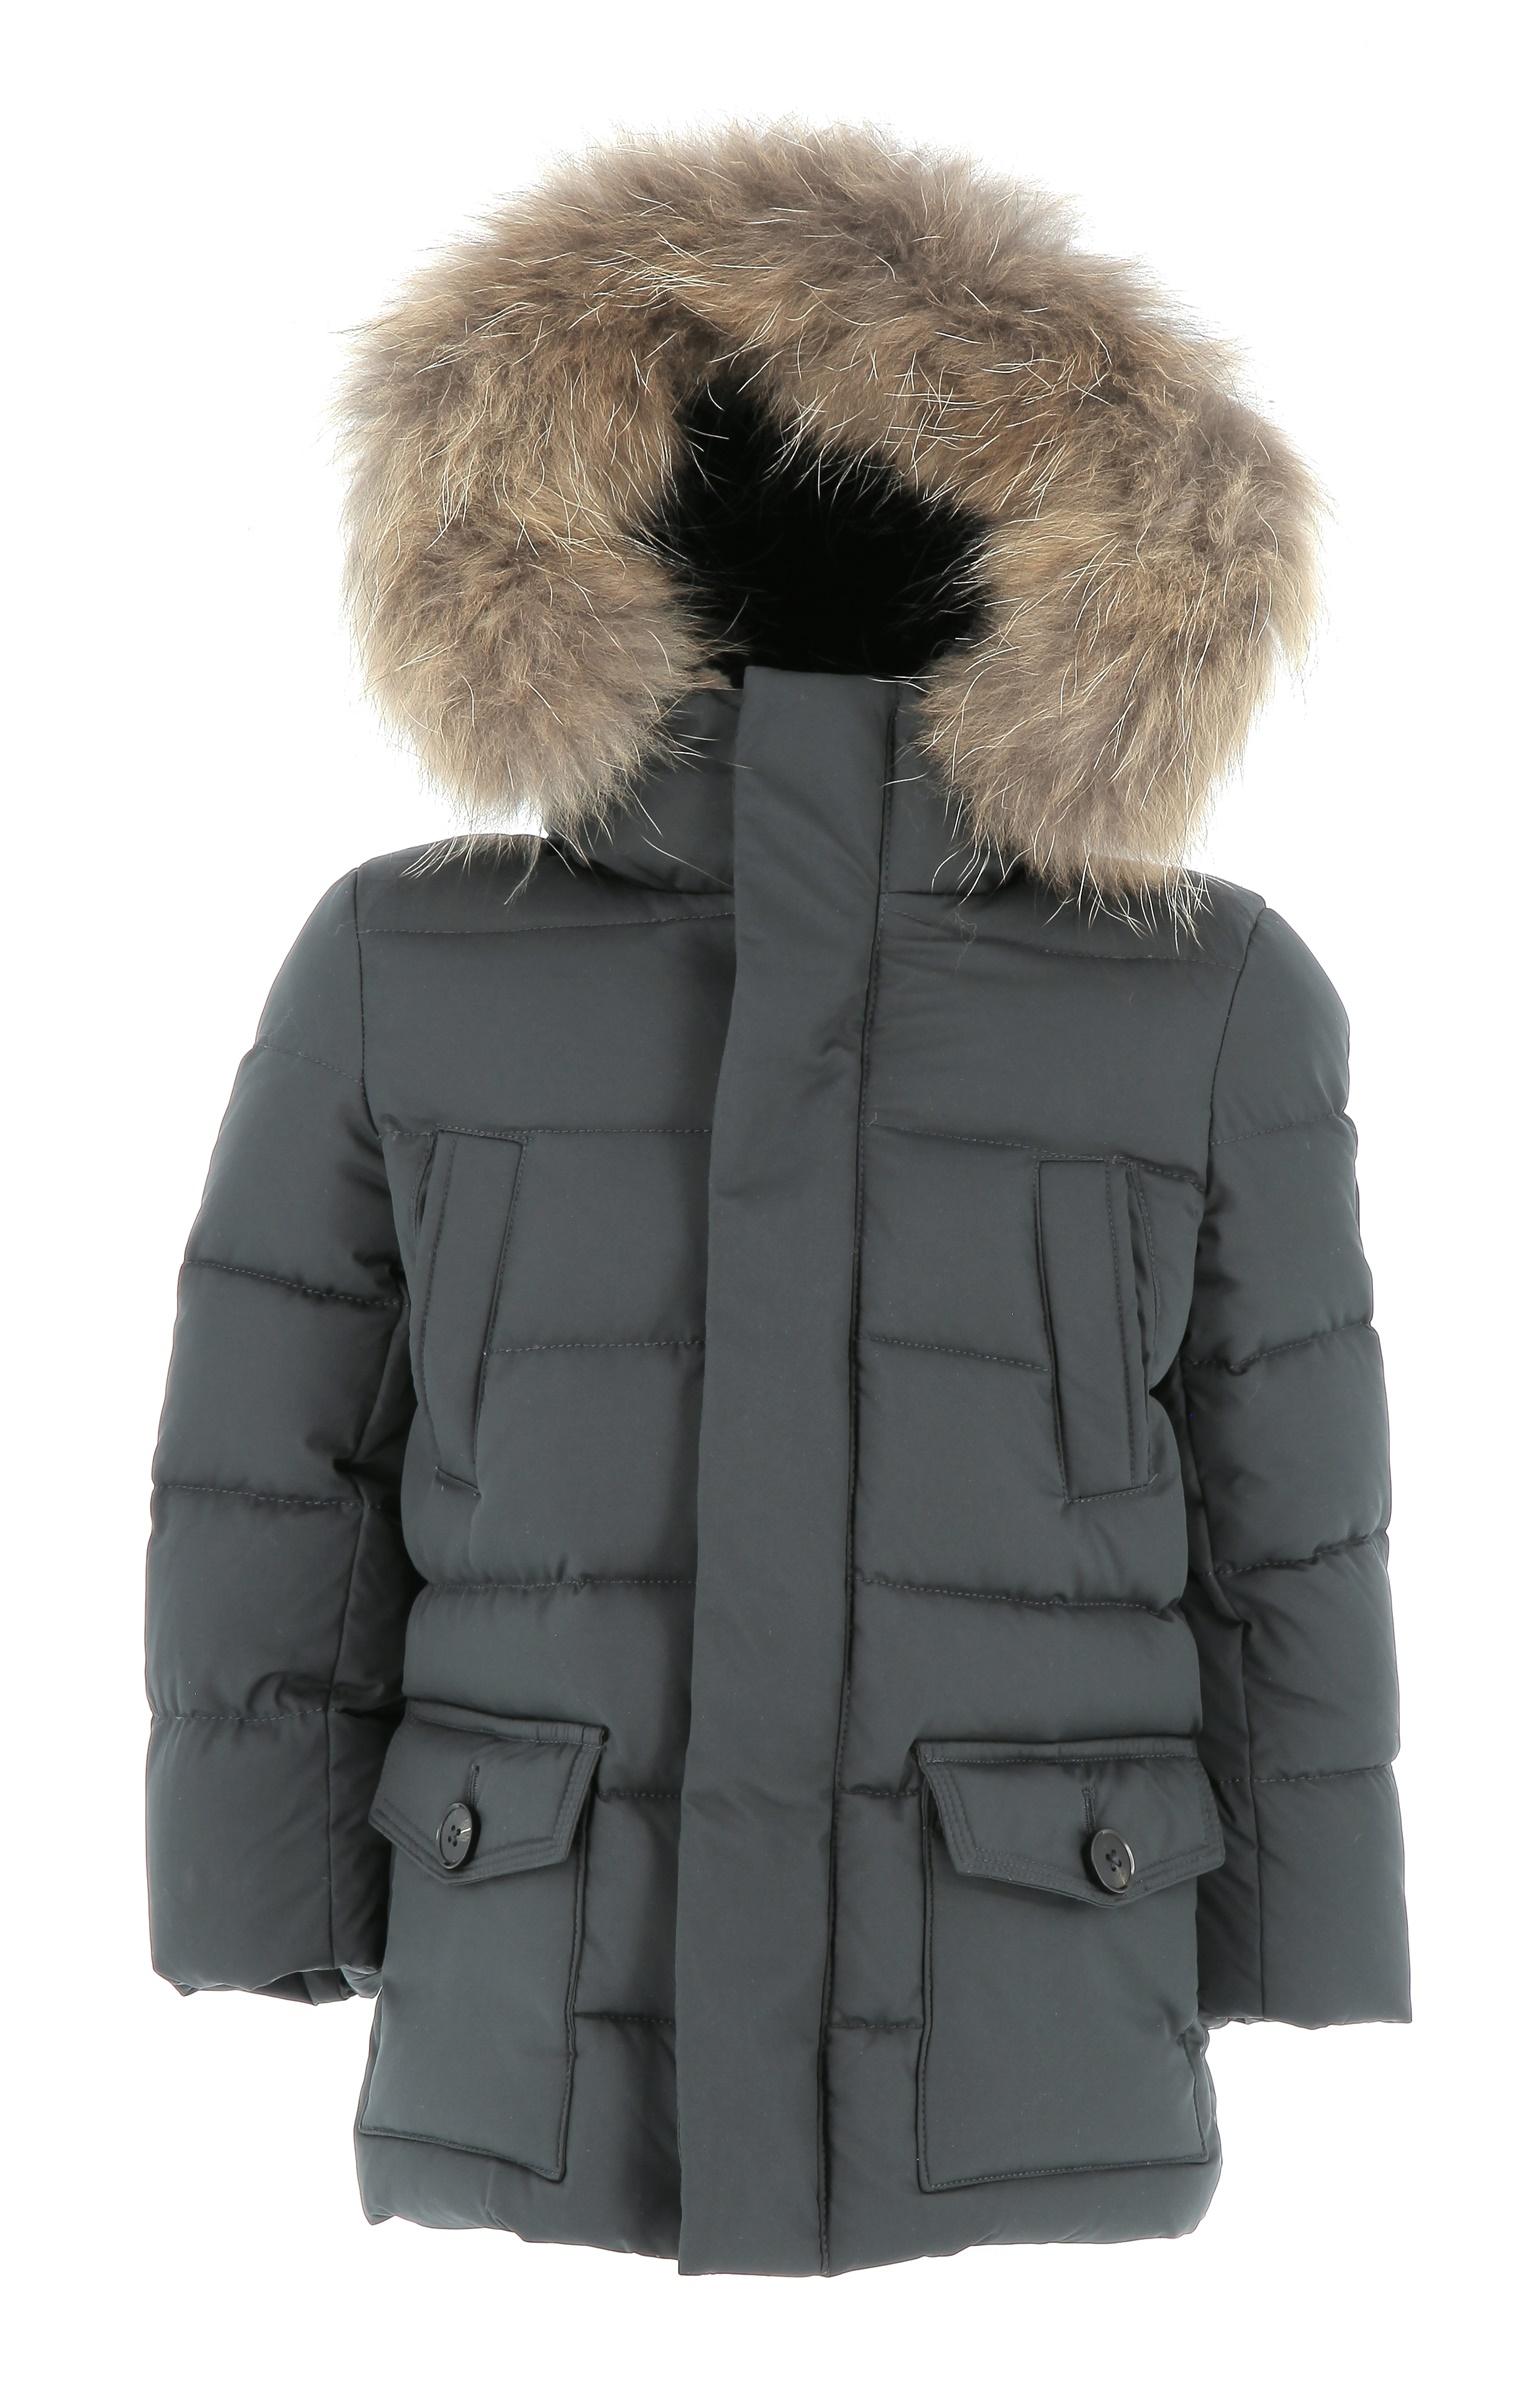 Treapi jacket TREAPI | Jacket | ZC88P415/T